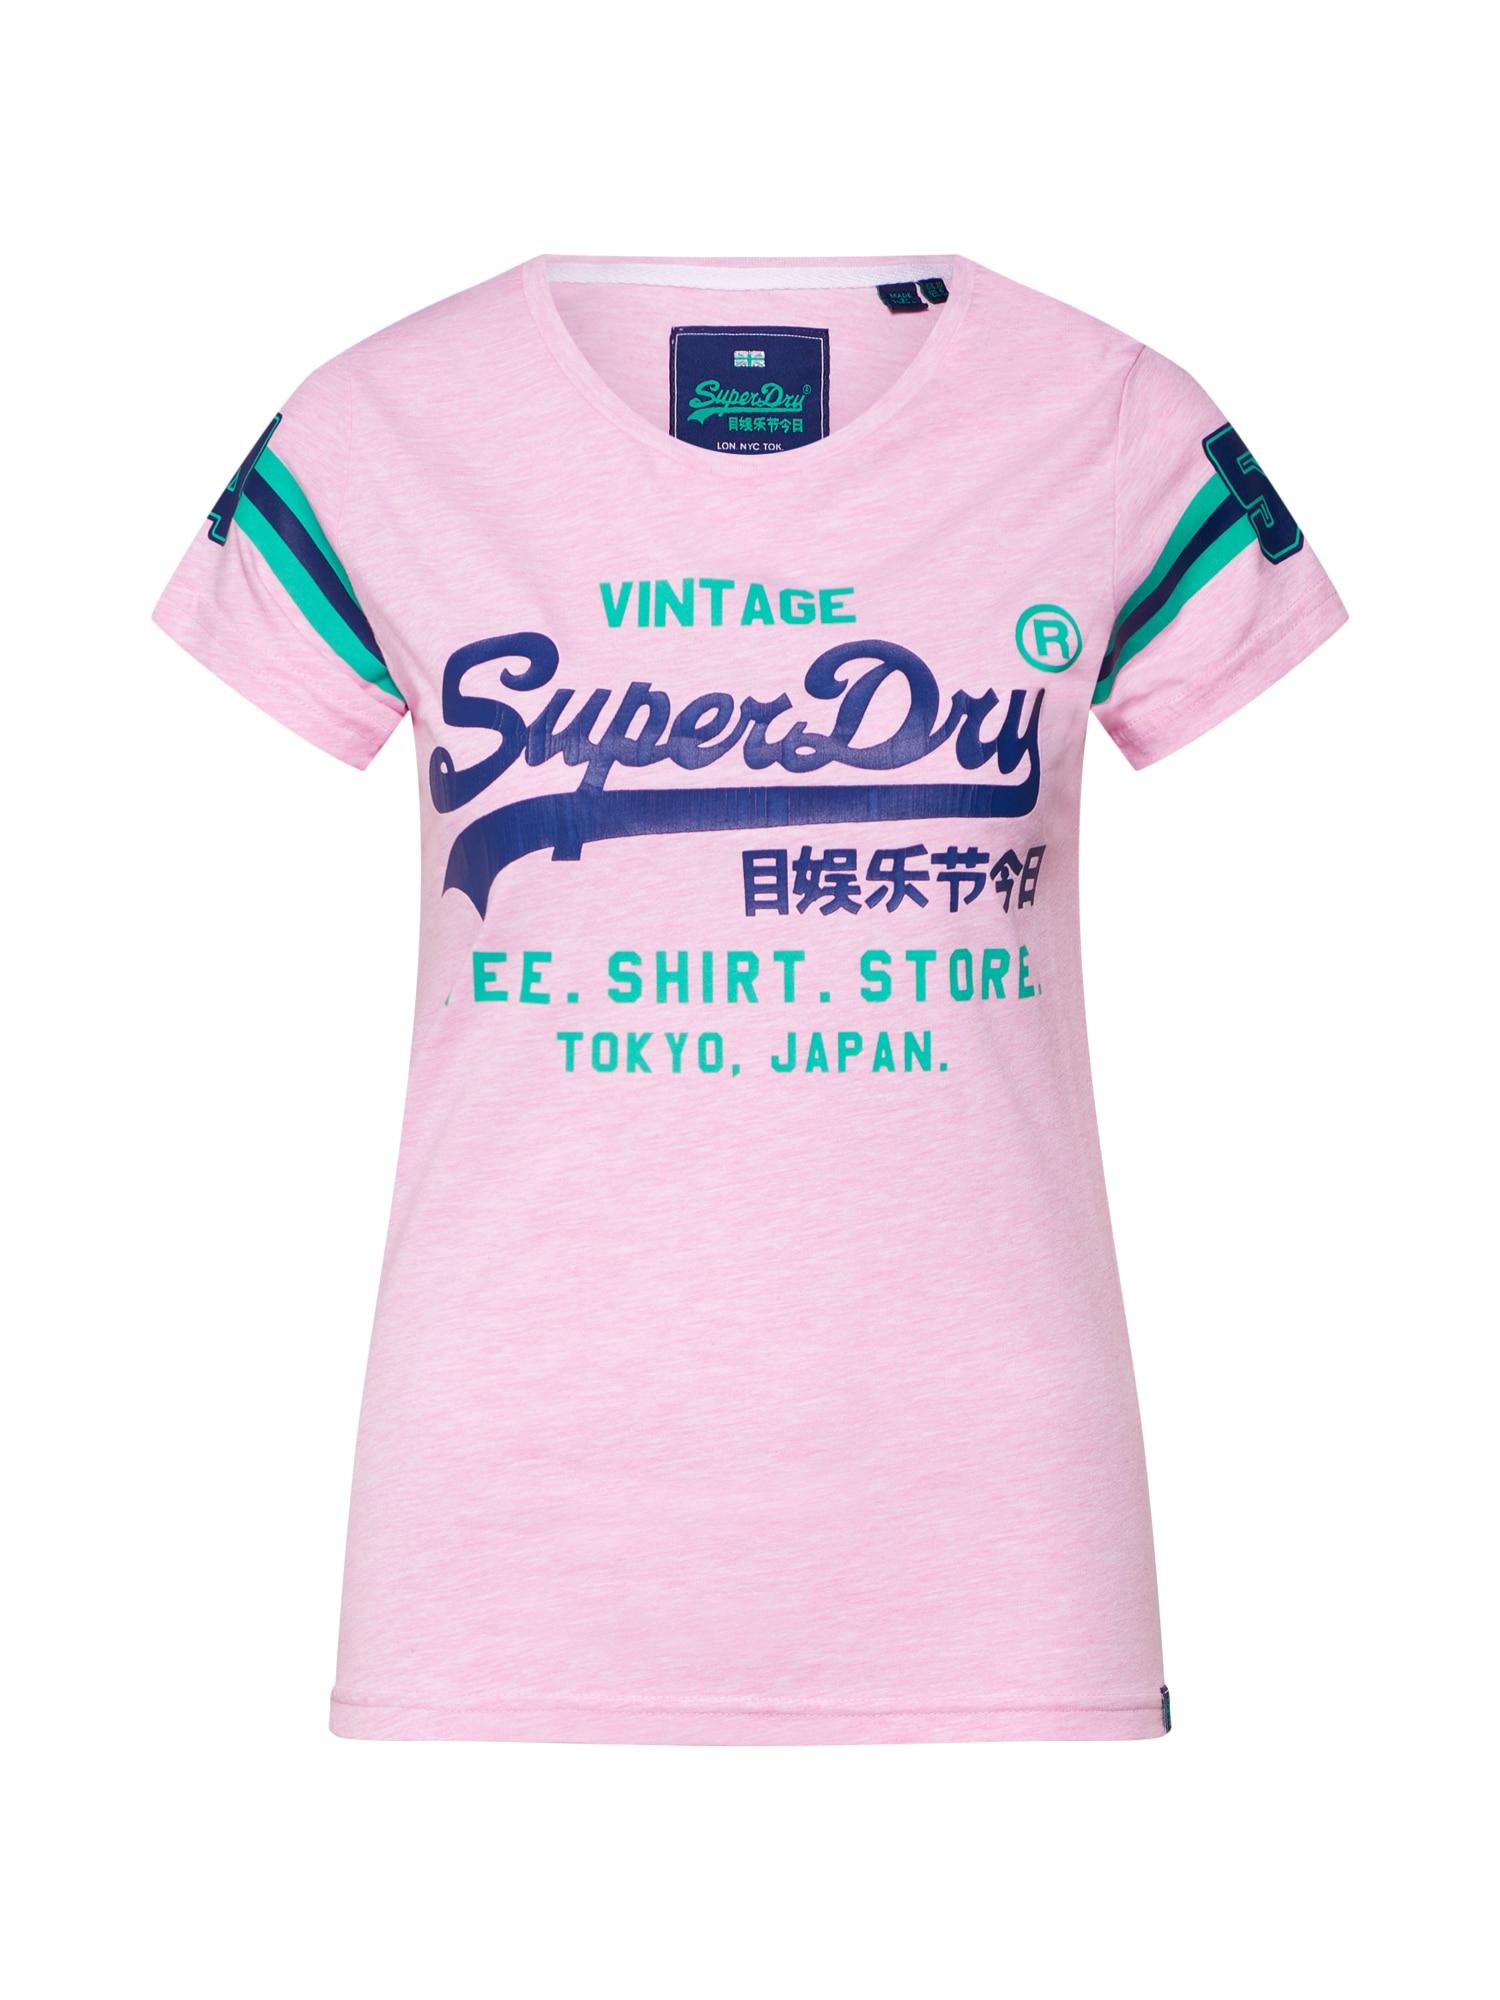 Tričko Shop Varsity modrá zelená růžová Superdry